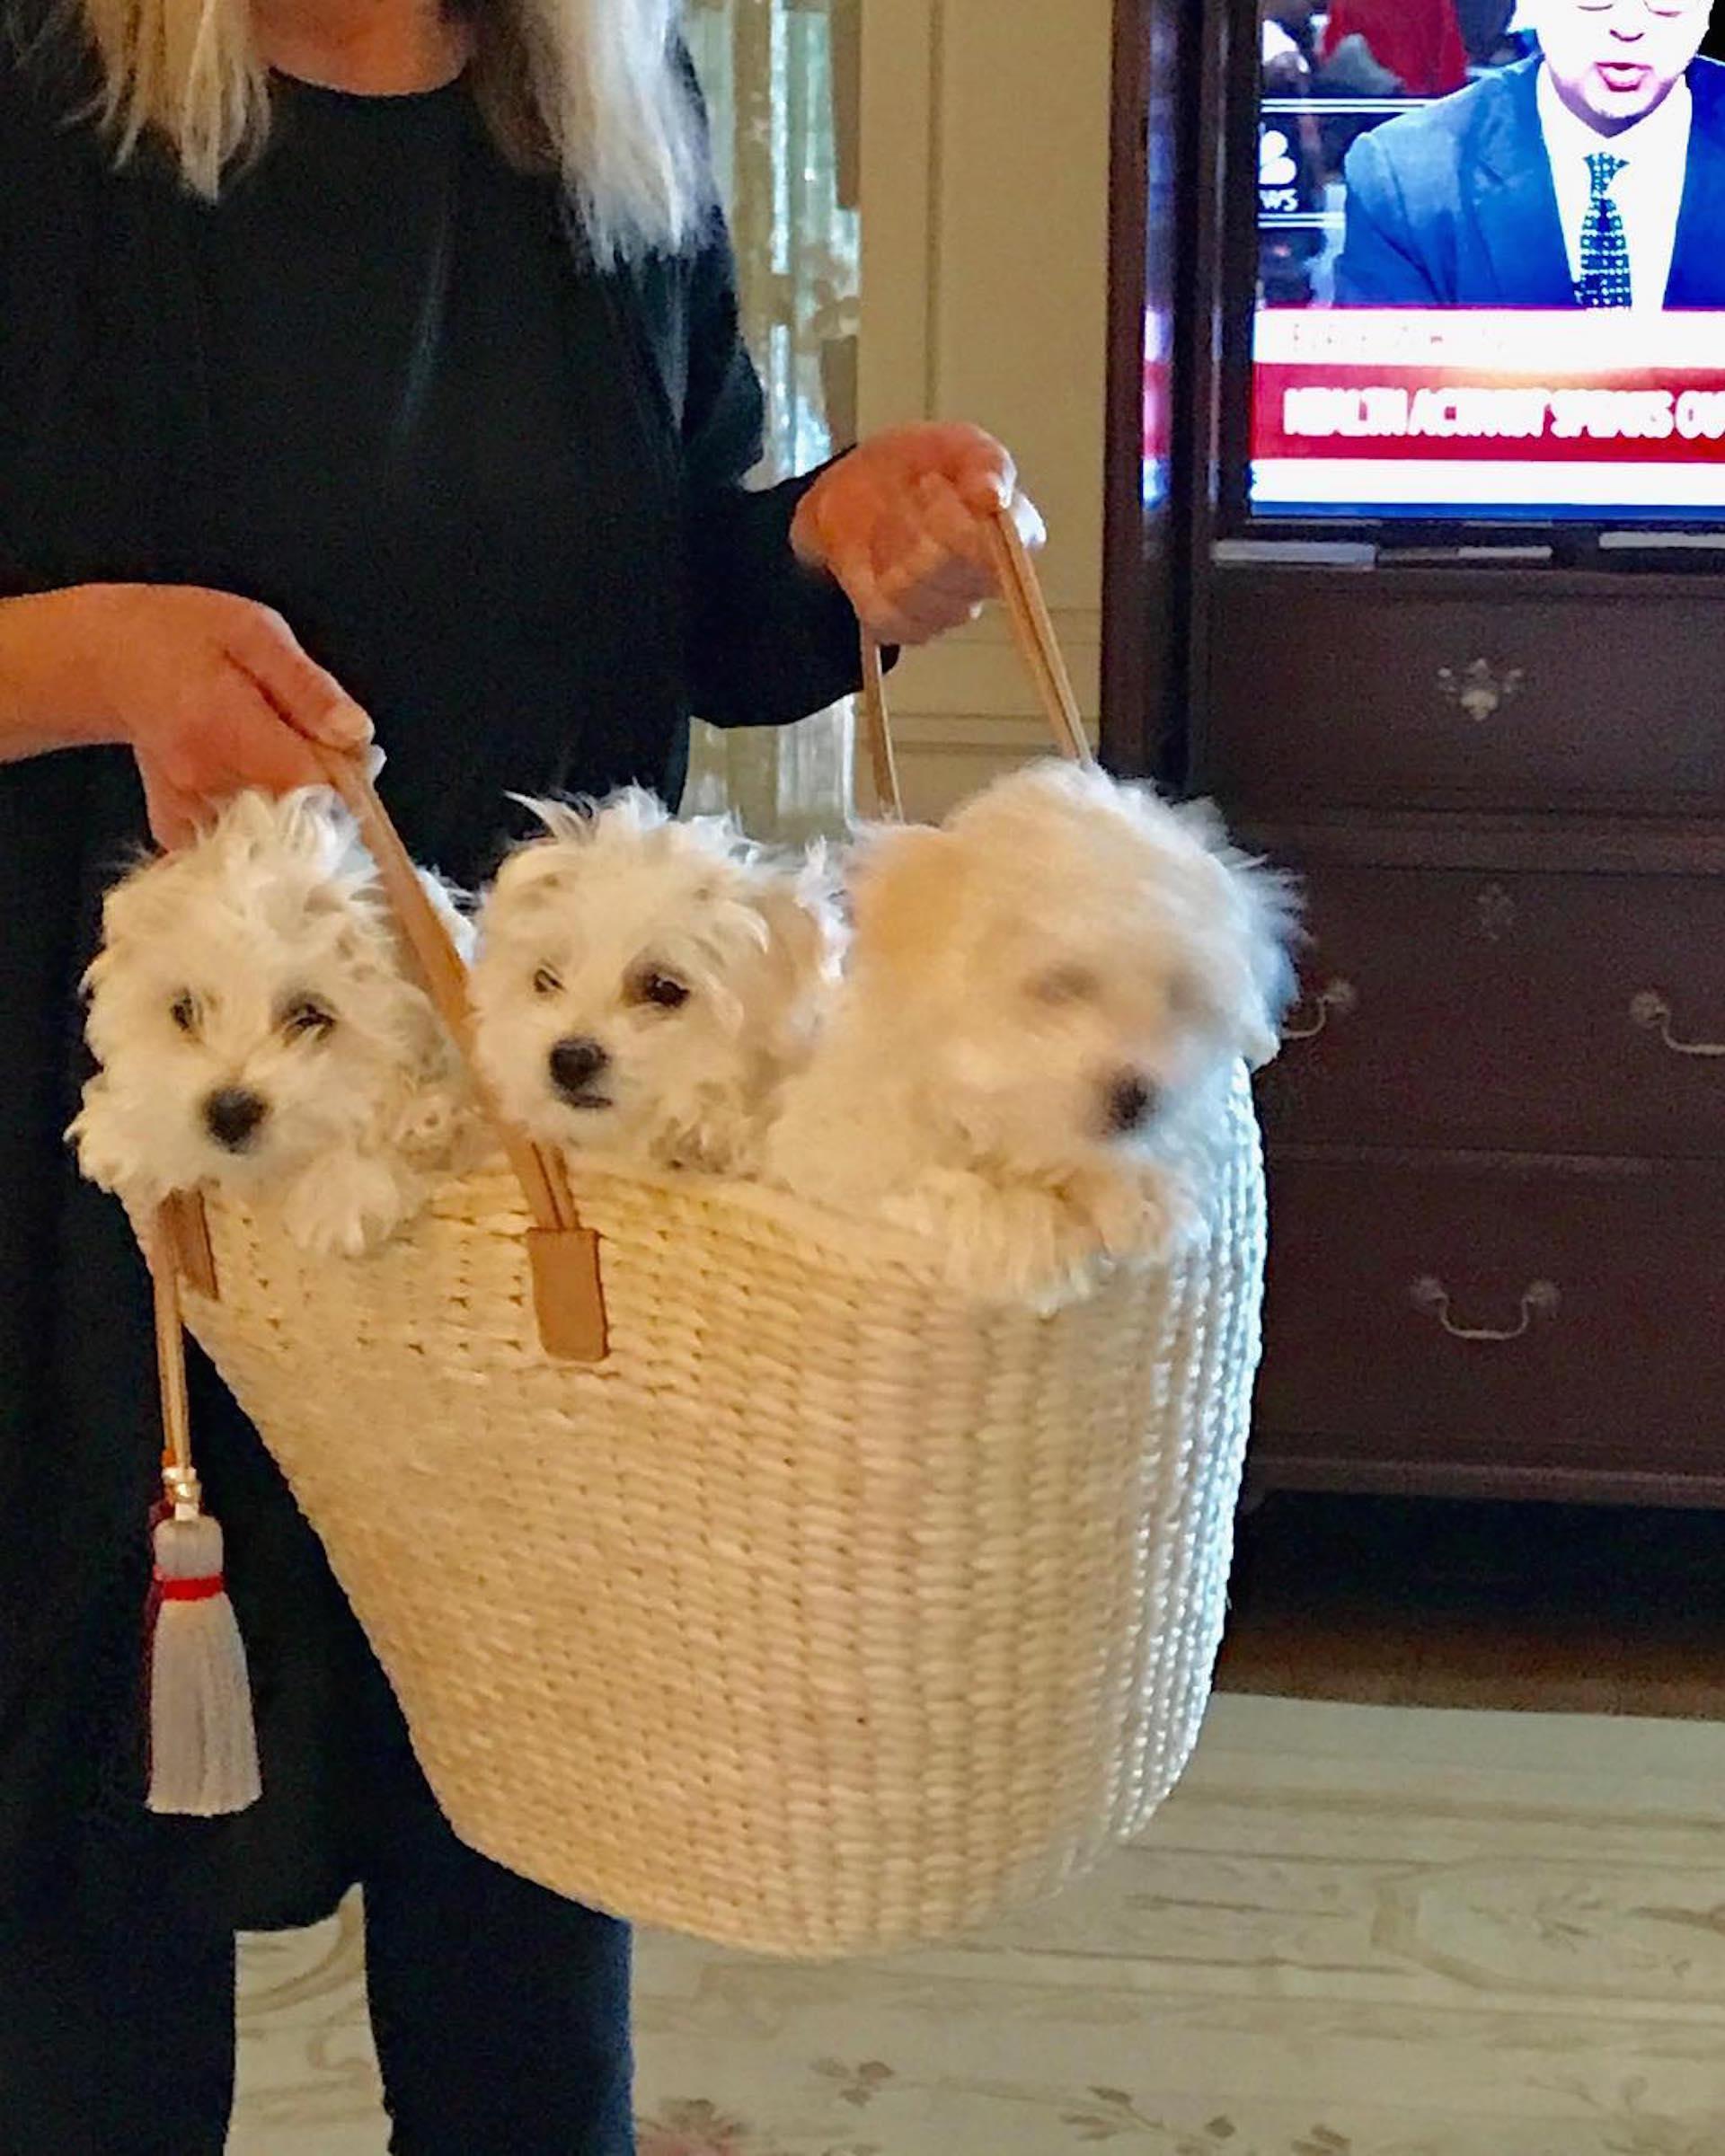 Los perros clonados más un primo (Foto Instagram)